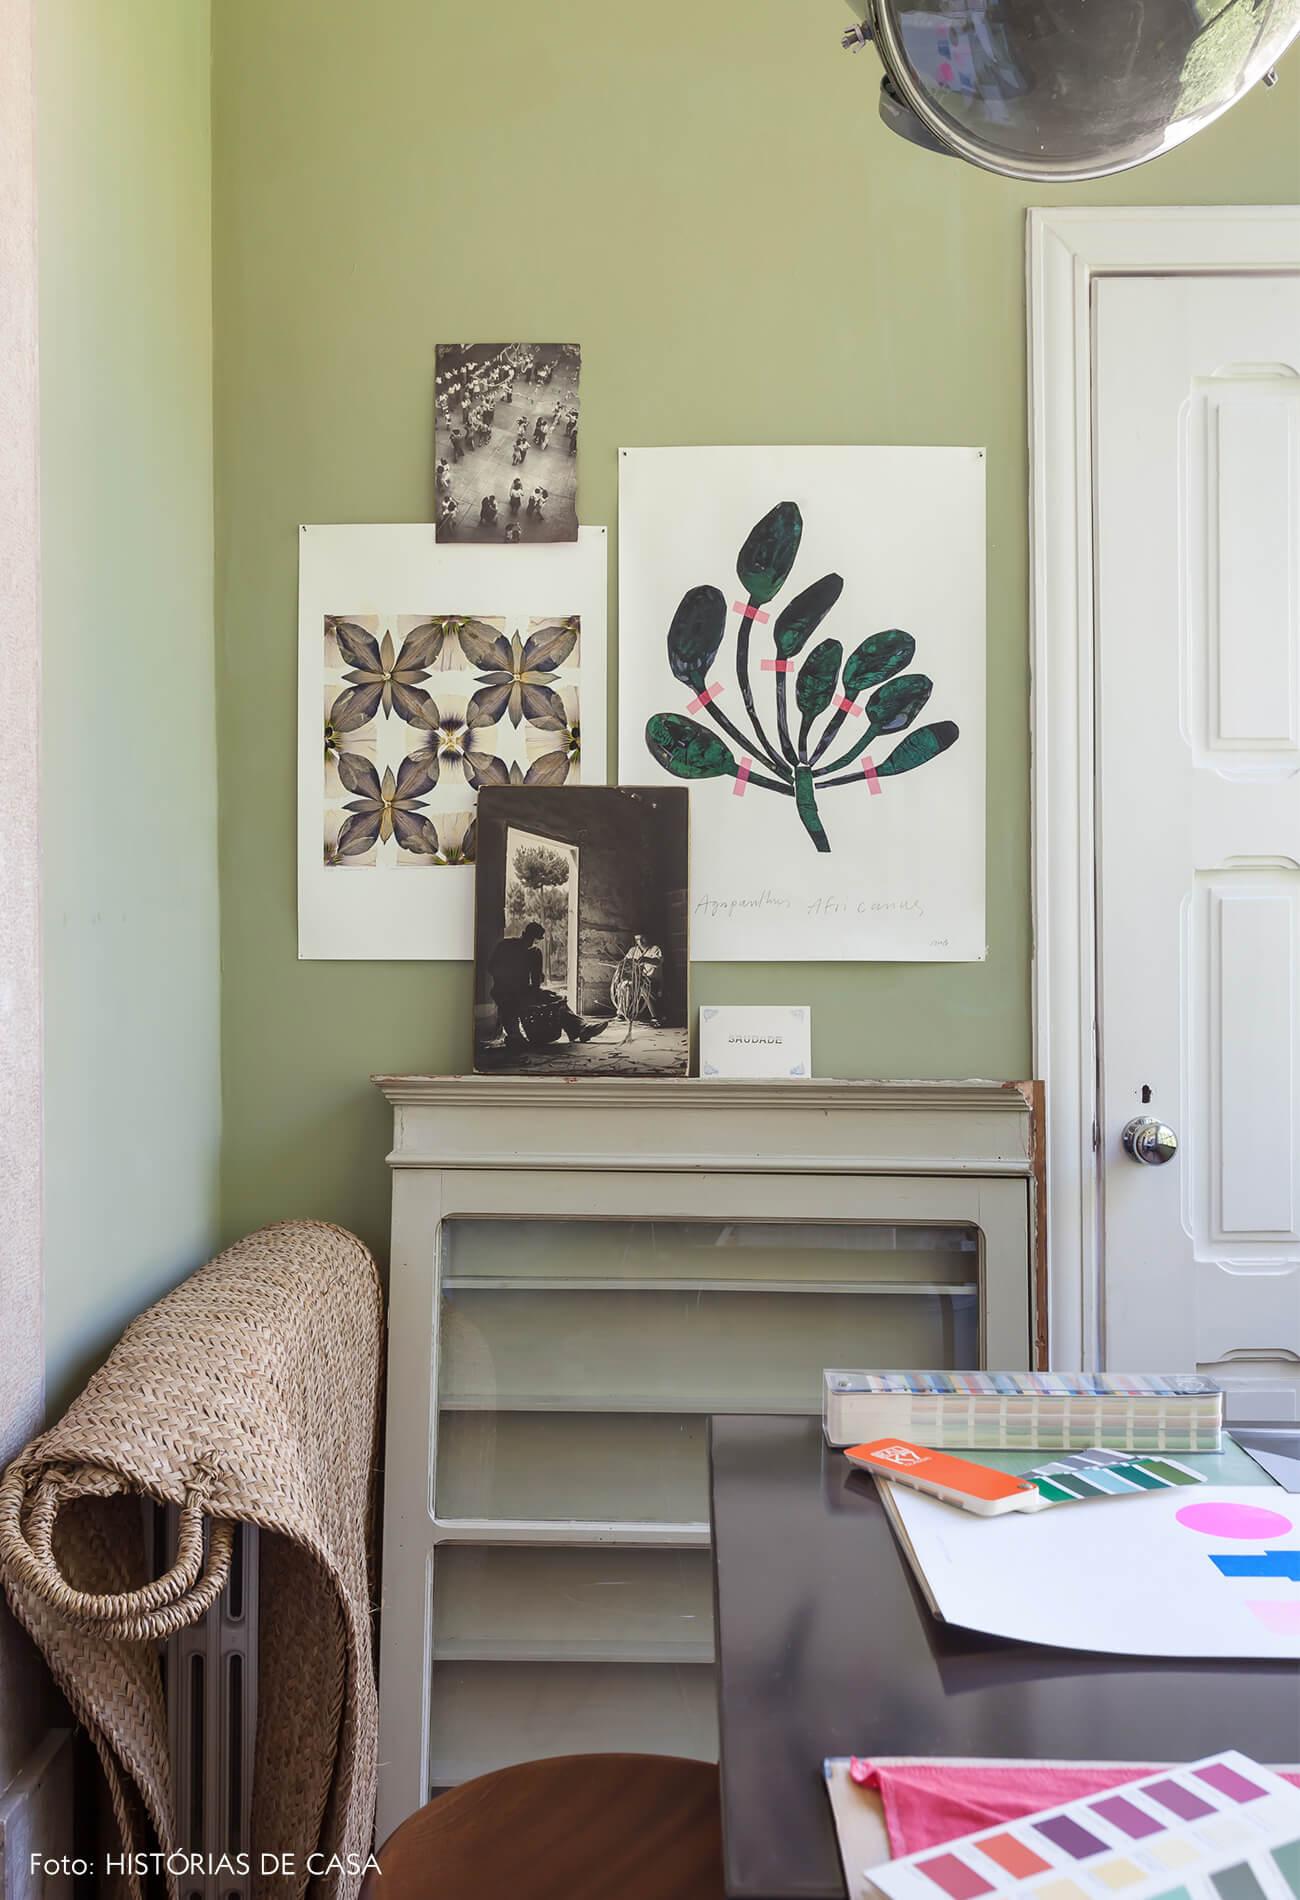 Ap decoração home office verde